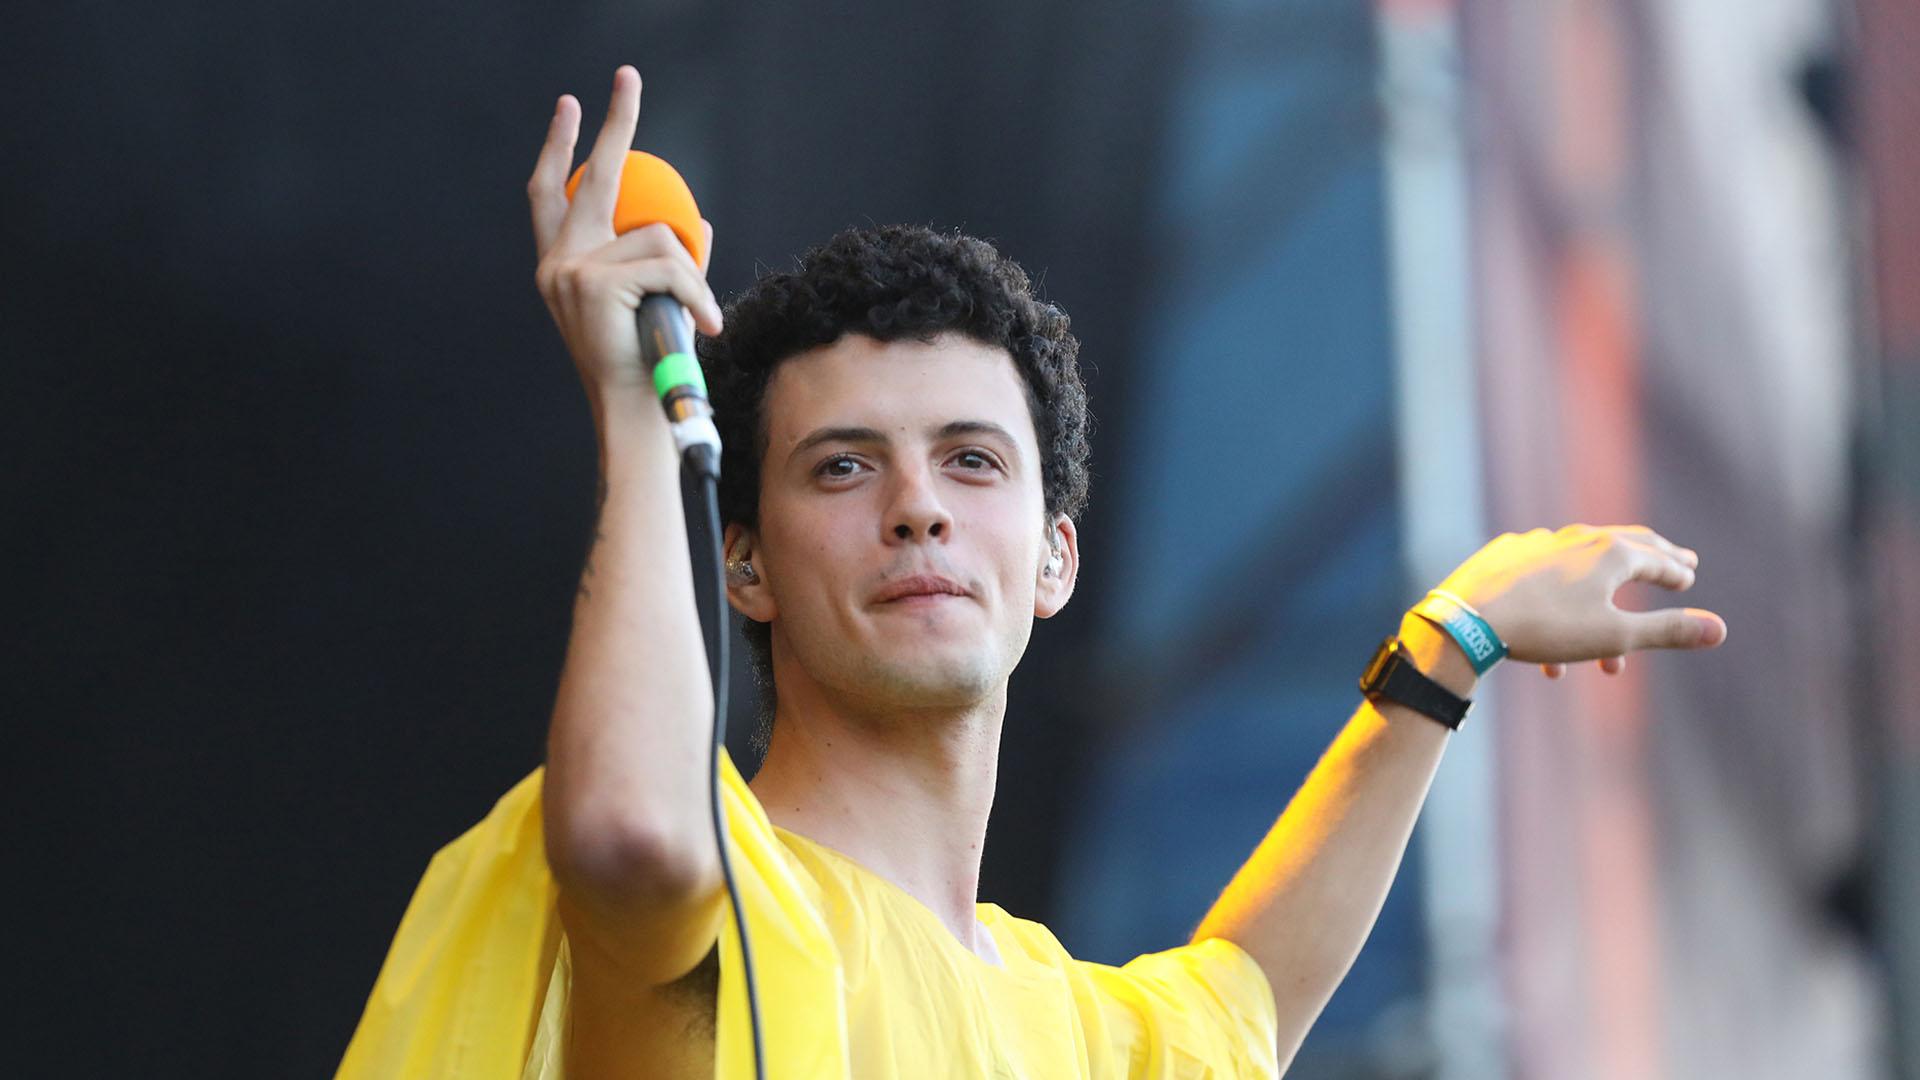 Juan Saieg, vocalista de Usted Señalemelo, se puso al frente de uno de los shows más festejados en el sábado del Cosquín Rock (Mario Sar)